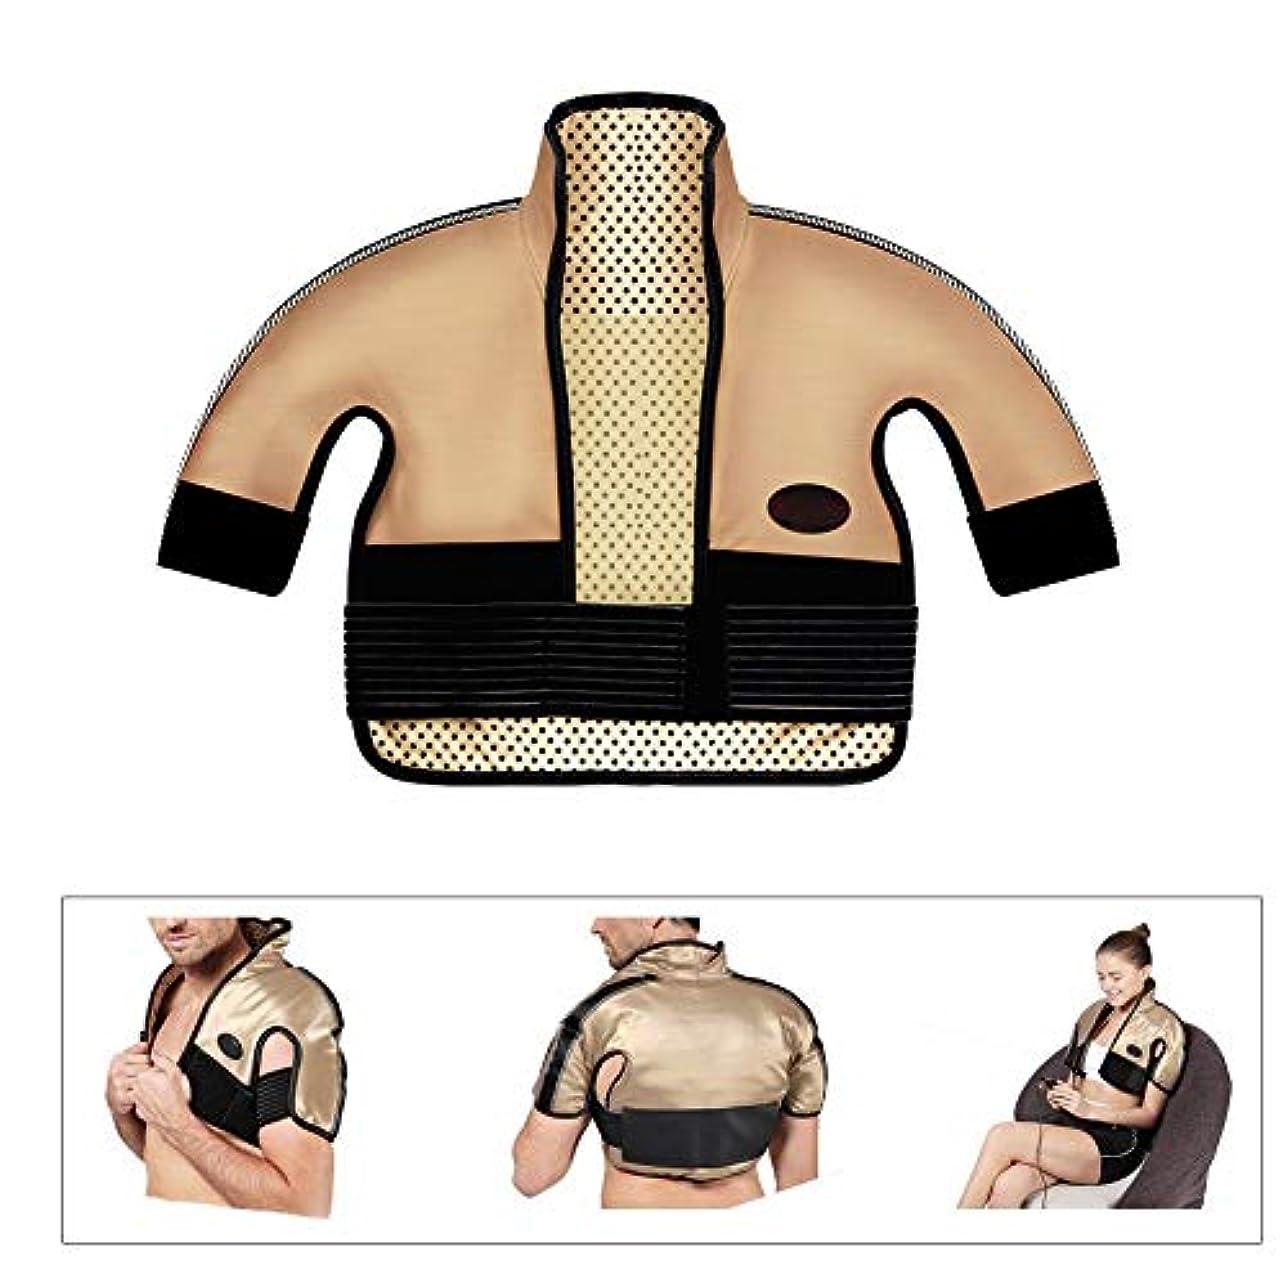 歴史的テメリティ試験肩と首の電気加熱パッド - 混練加熱、痛み緩和加熱パッドを叩く、医療用品マッサージベスト(肩幅用:40-65CM)